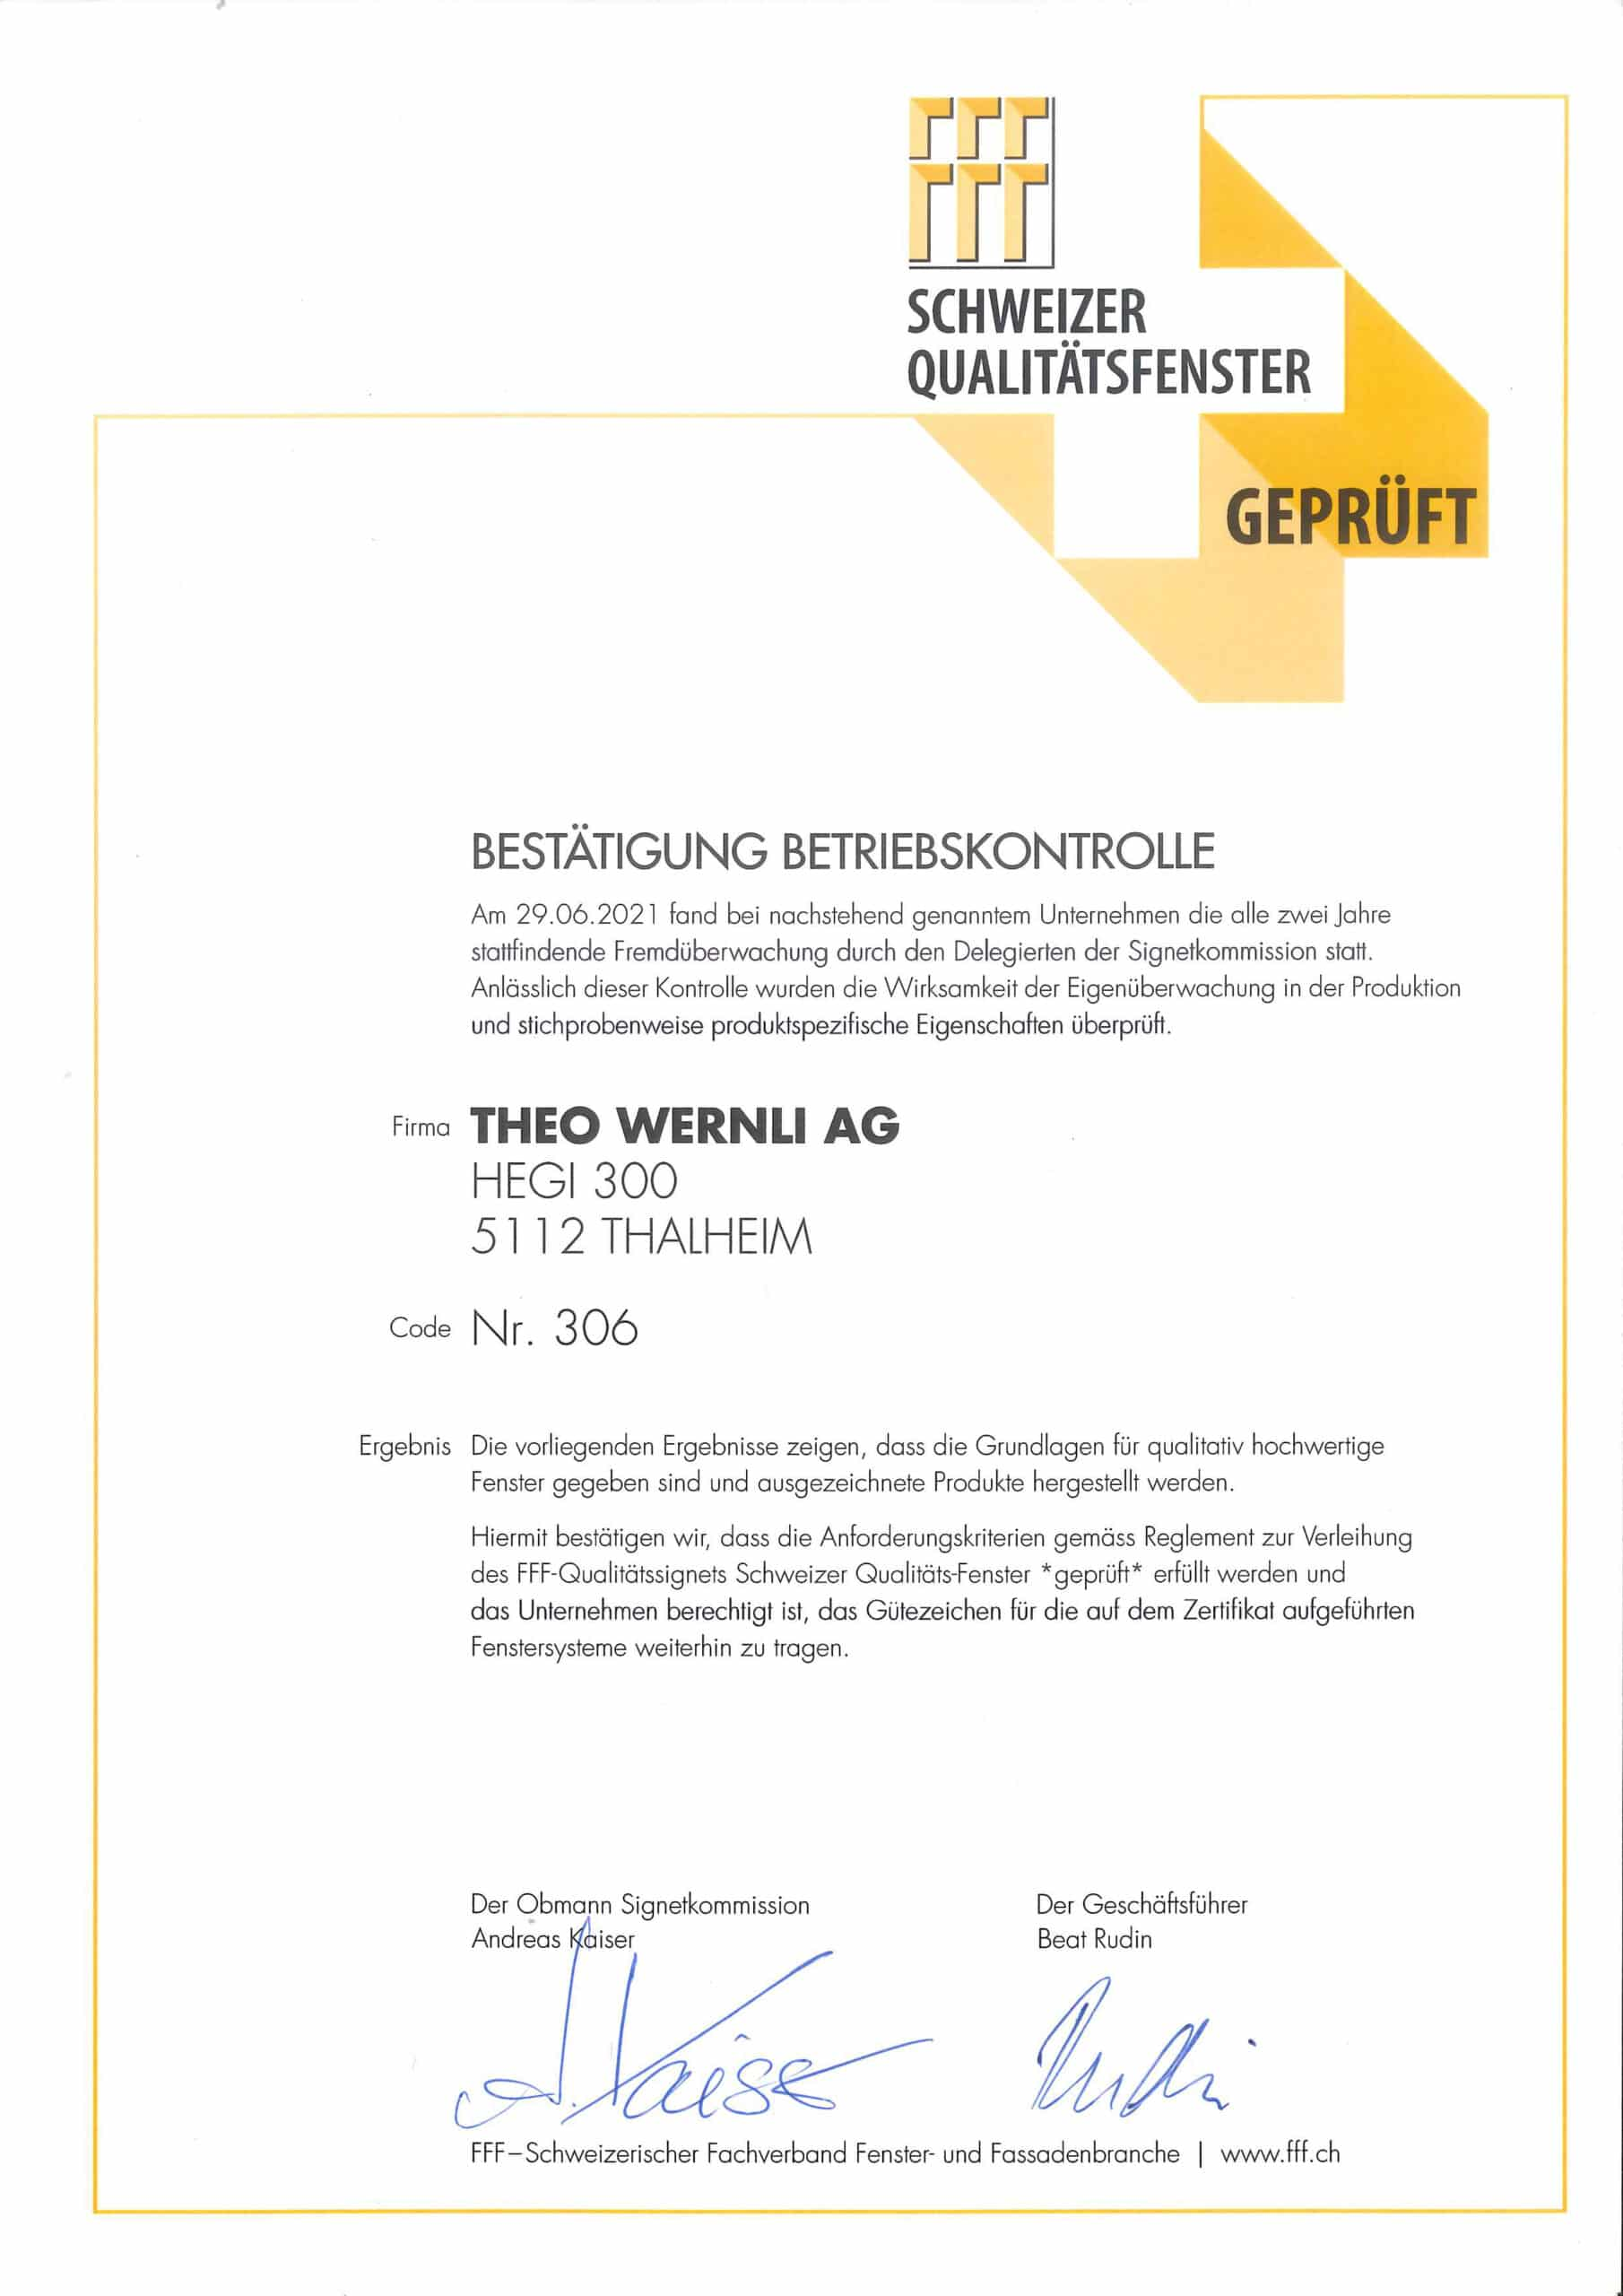 Schweizer Qualitätsfenster Geprüft 2021